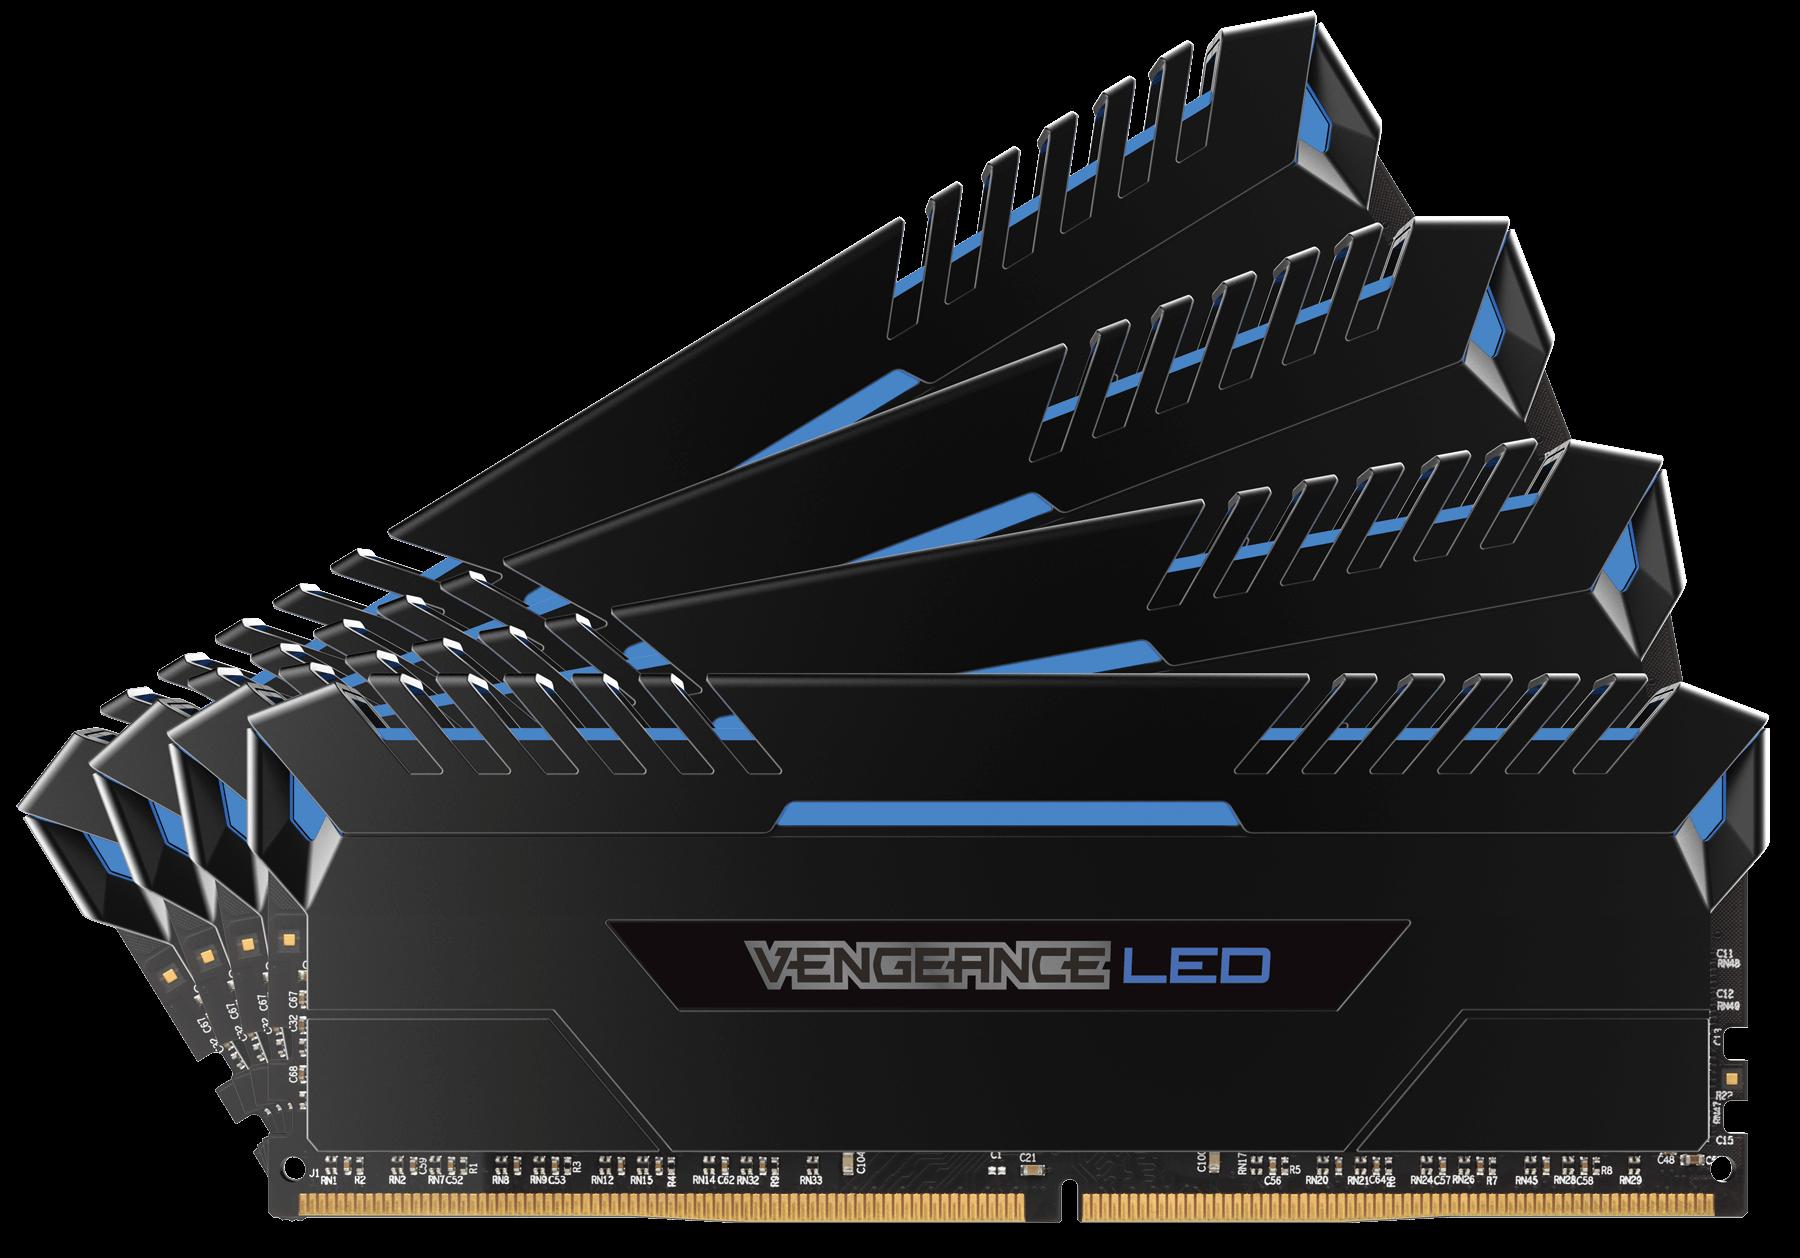 Corsair Vengeance Stunning Blue LED 32GB DDR4 3000MHz